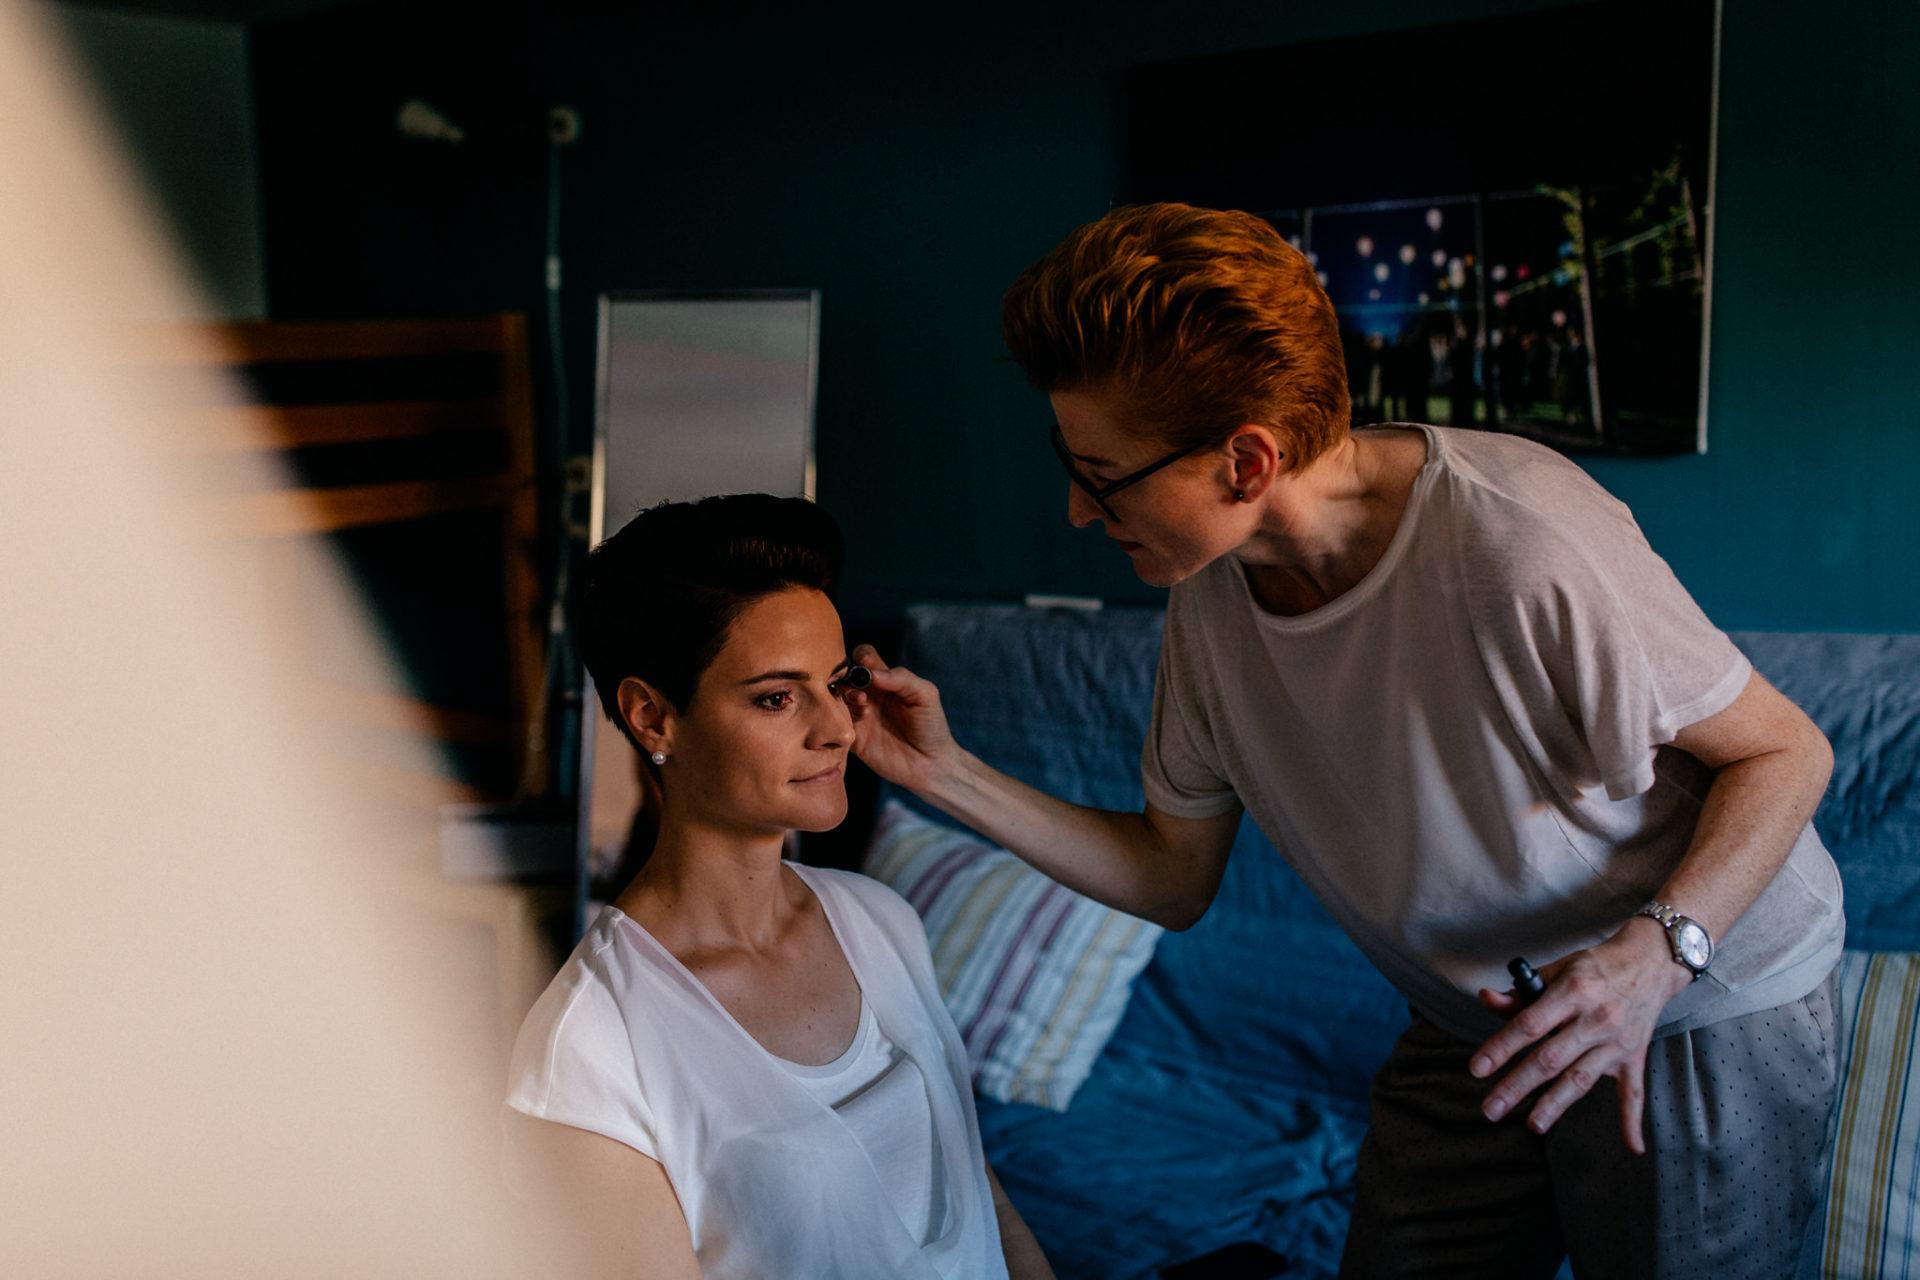 Weingut Fitz Ritter Hochzeitsfotograf-heiraten Pfalz-Sommerhochzeit Kosmetik Getting Ready Mary Kay Marion Peter